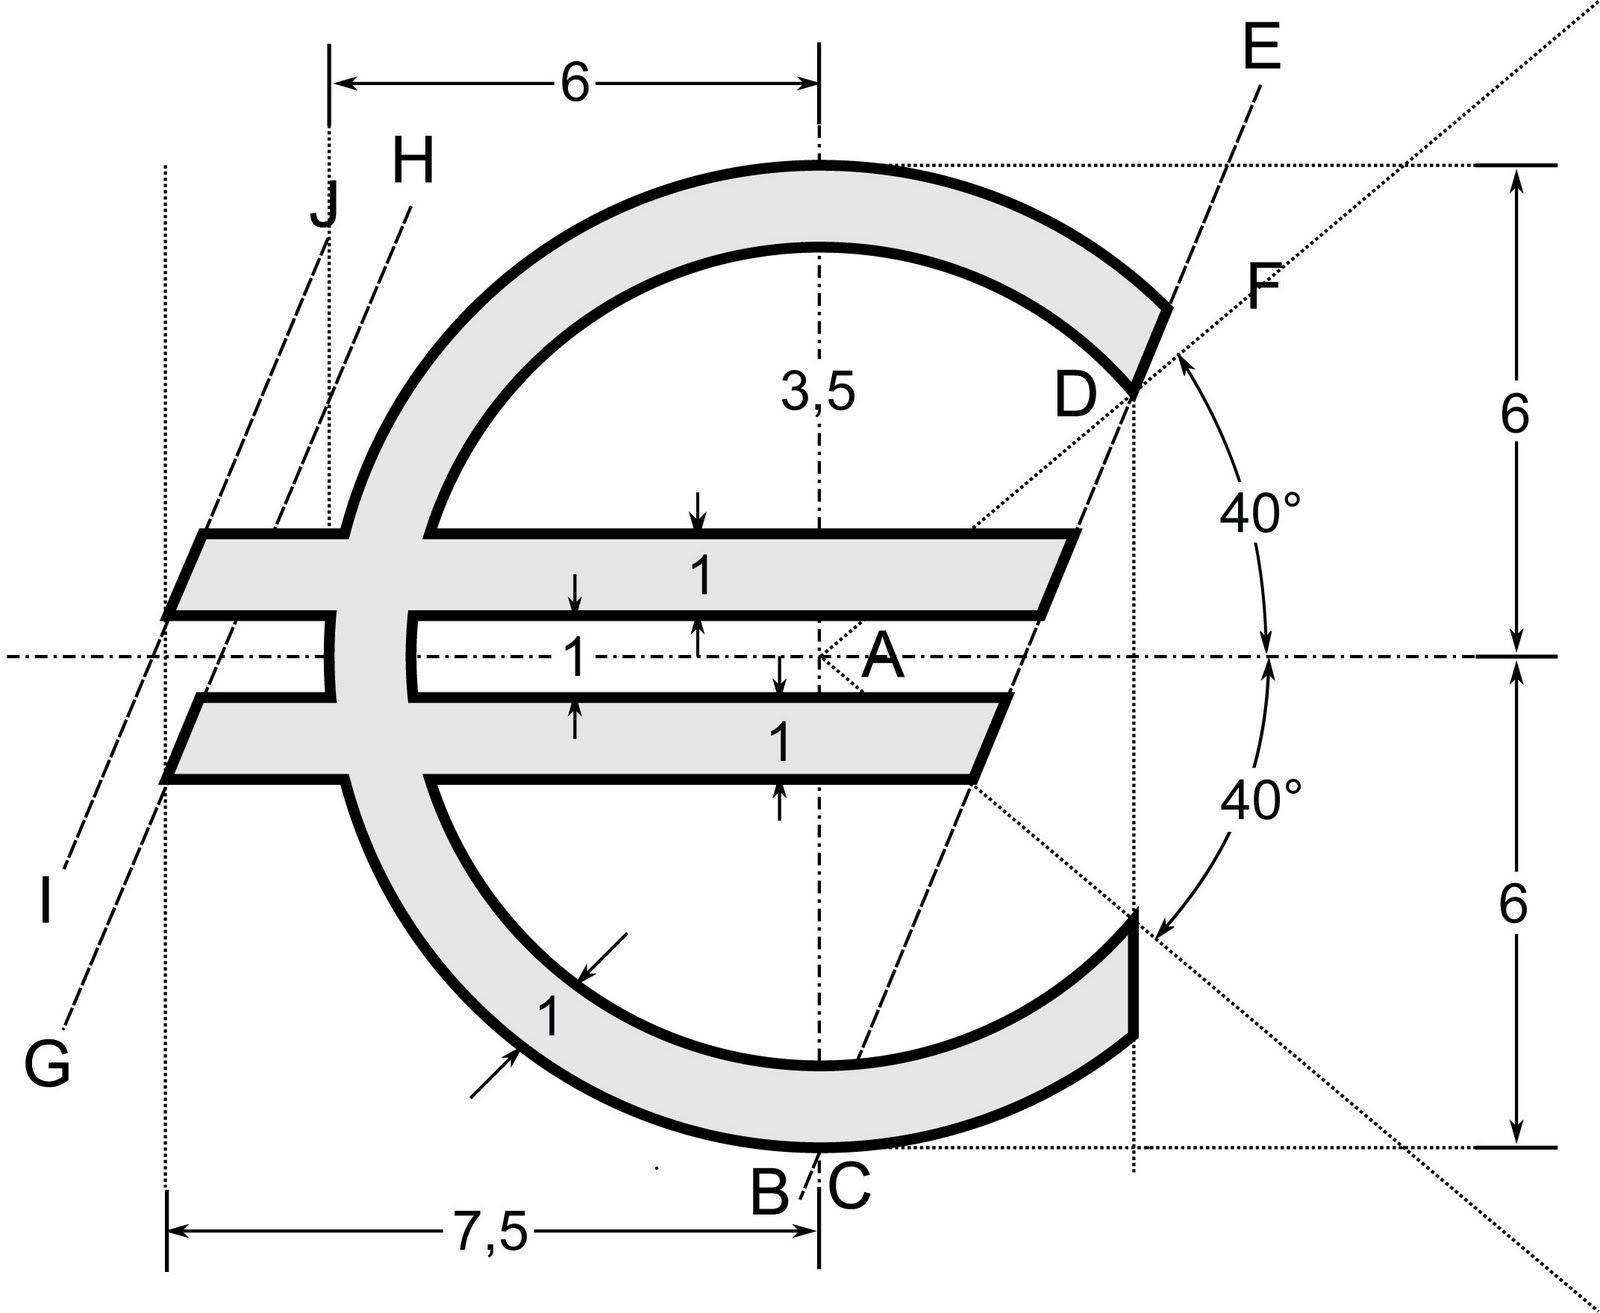 Billedresultat For Desarrollo De Solidos Dibujo Tecnico Tecnicas De Dibujo Dibujos En Autocad Logotipos De Diseno Grafico